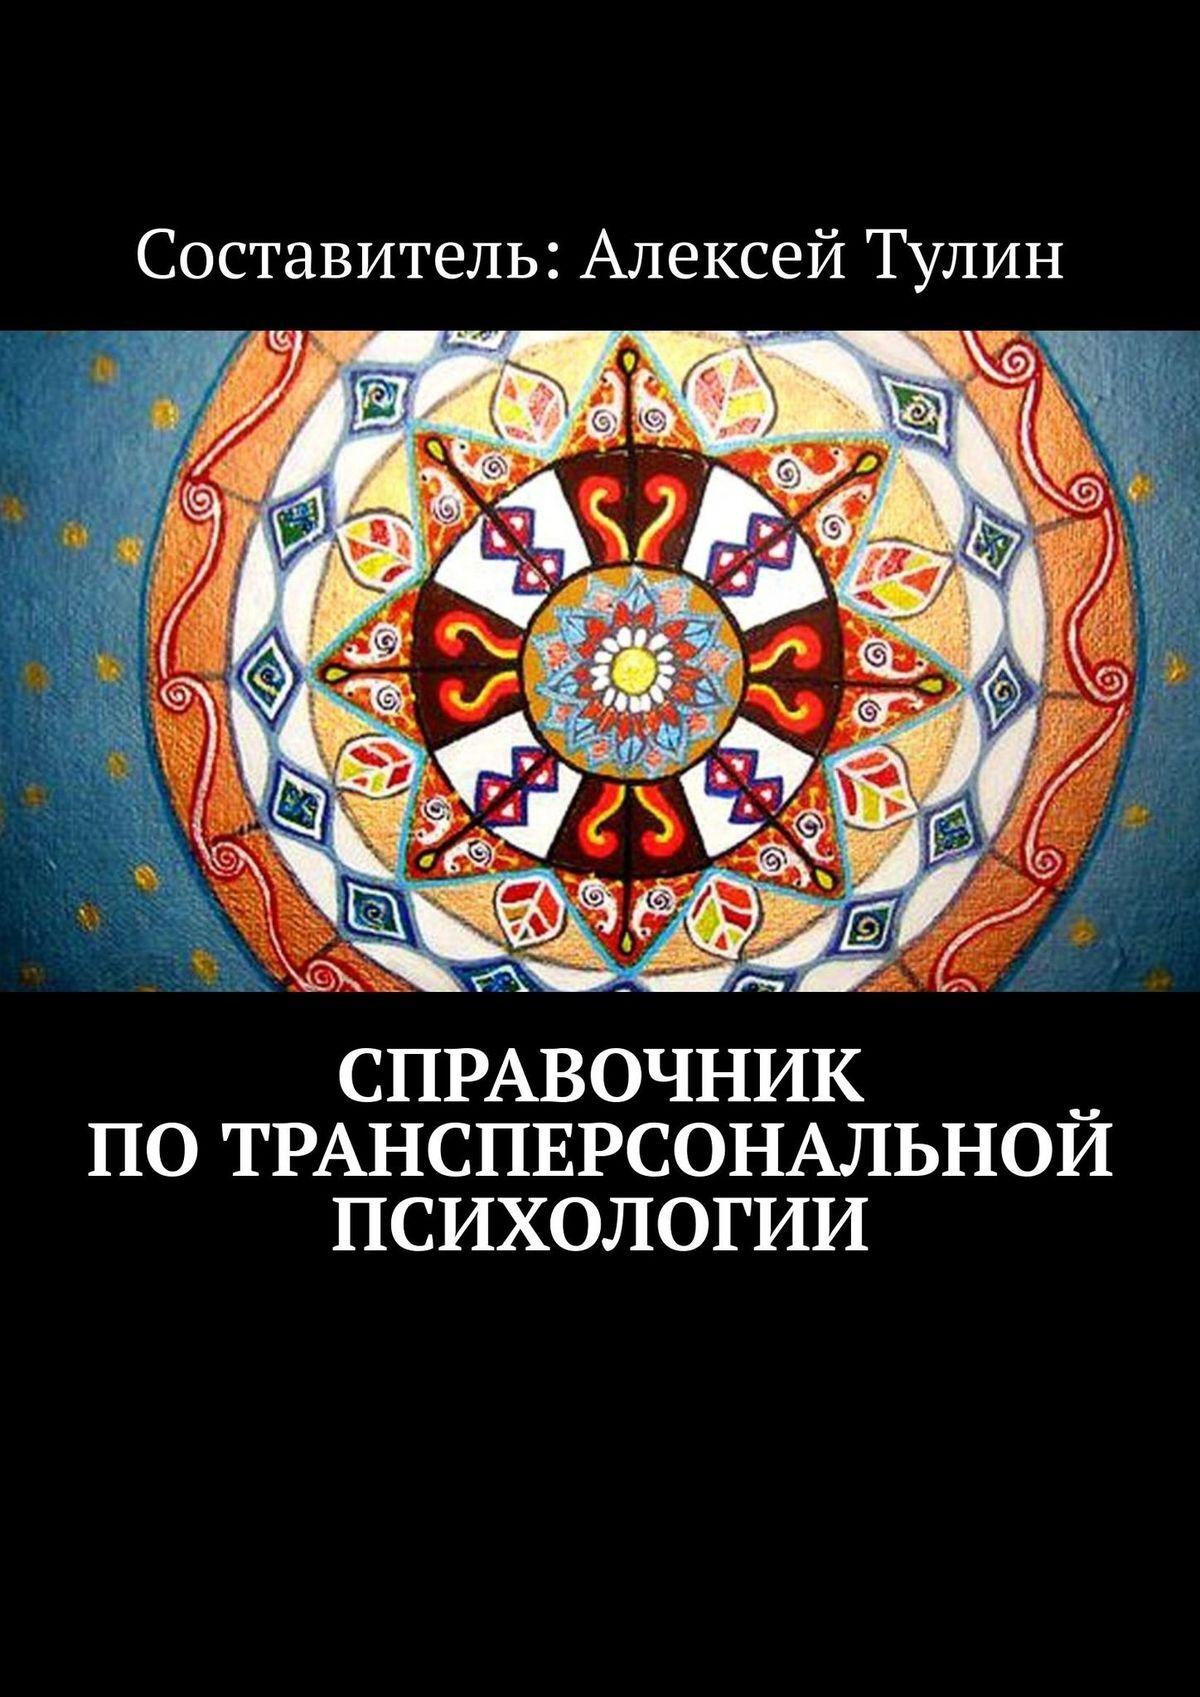 цена на Алексей Тулин Справочник потрансперсональной психологии